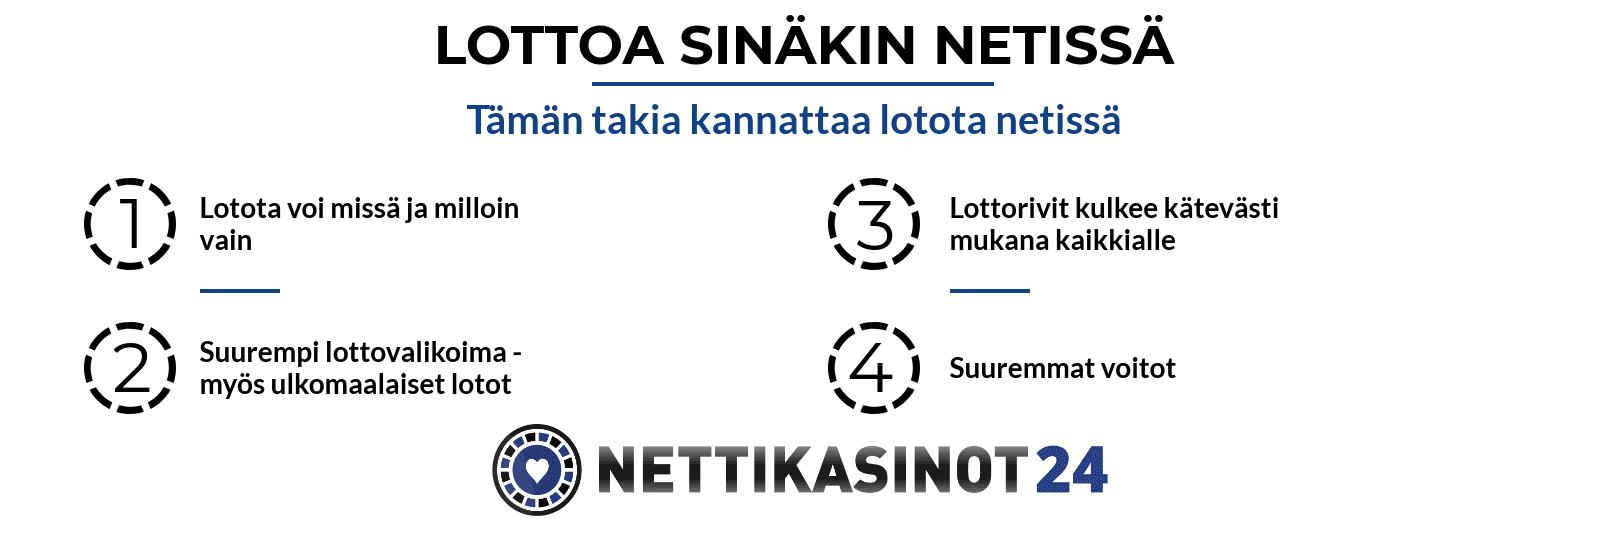 lotta internetissä - Lotto